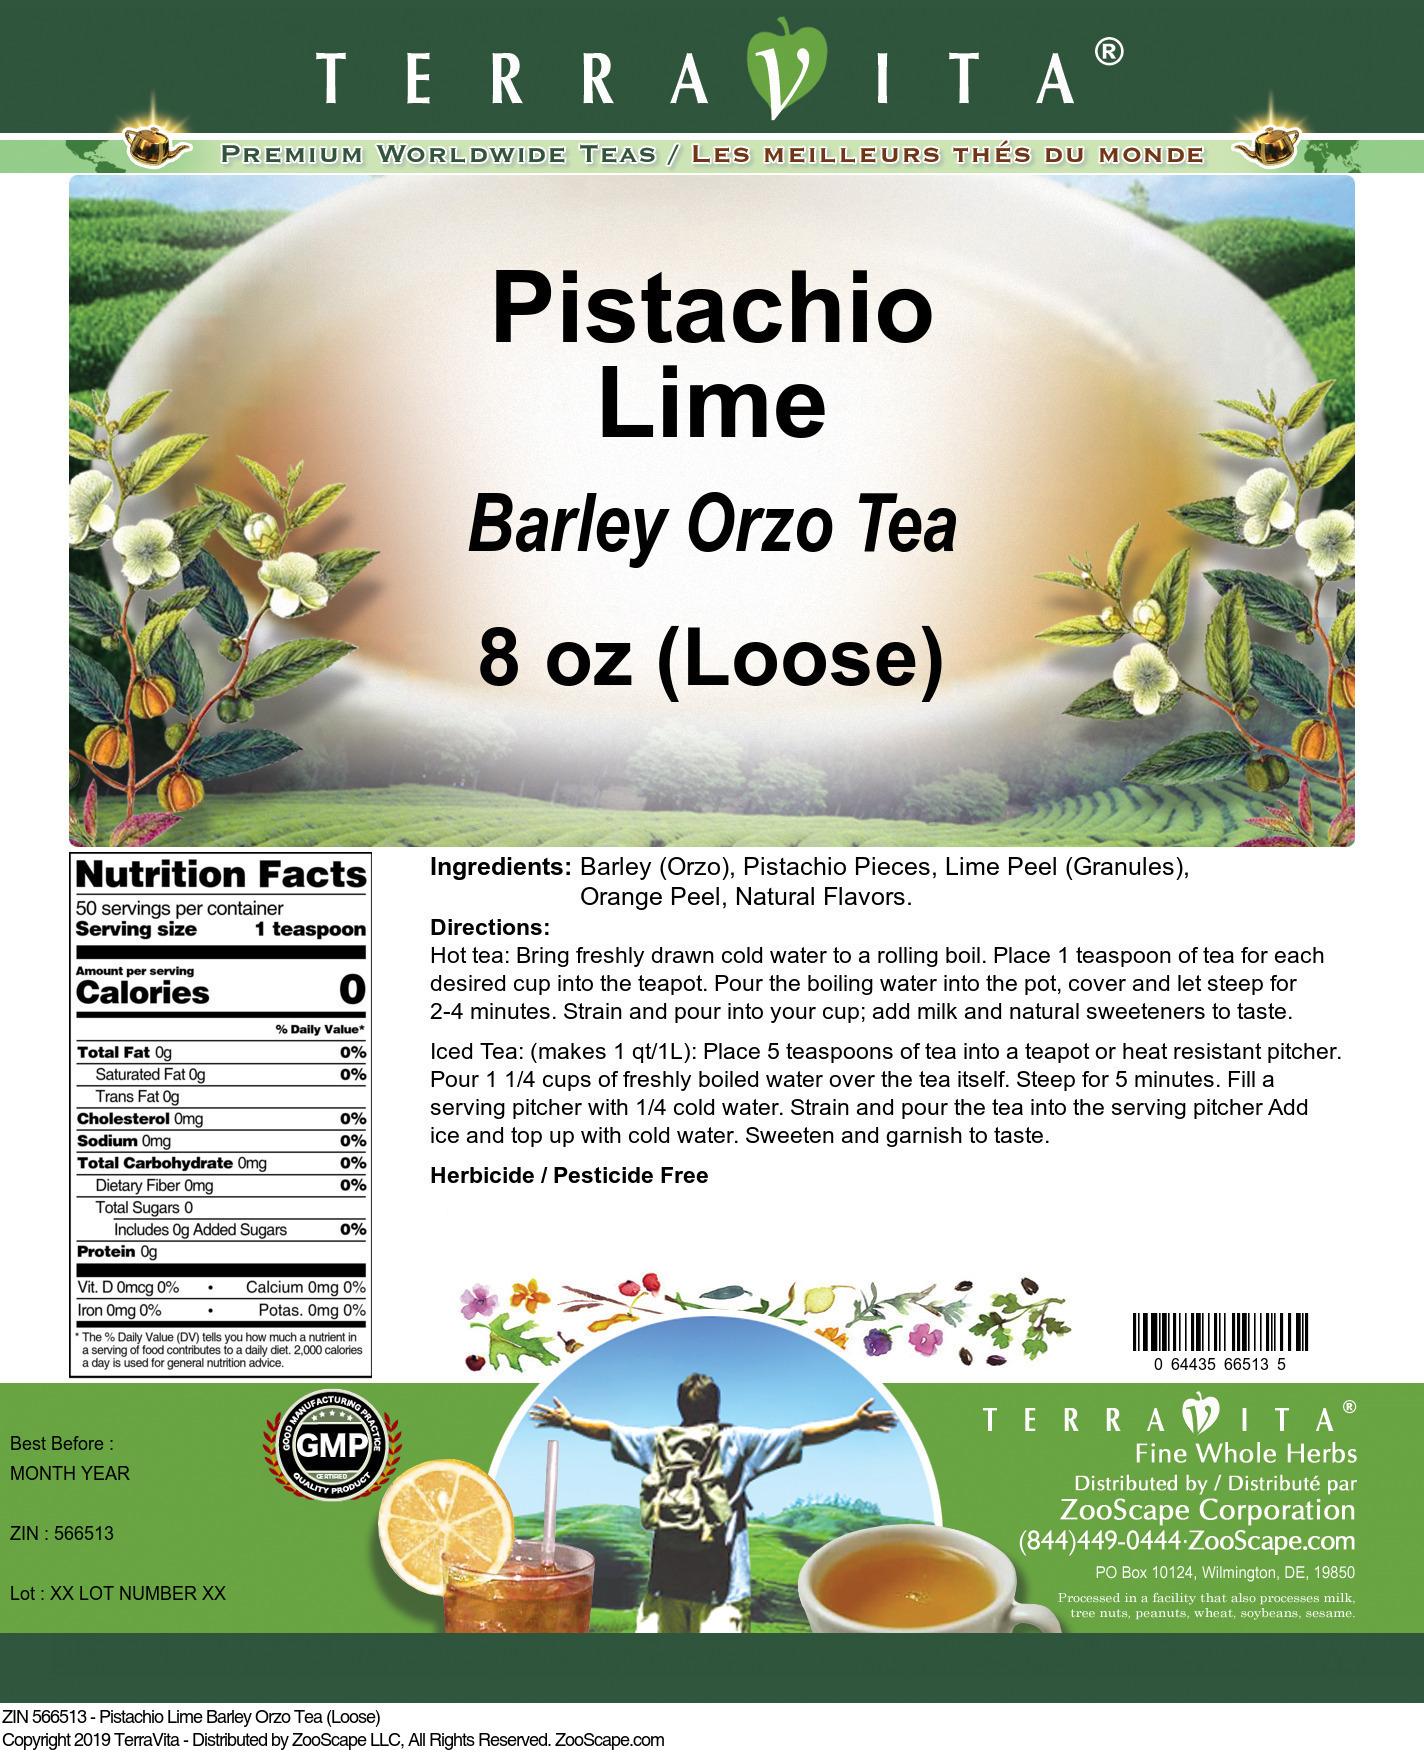 Pistachio Lime Barley Orzo